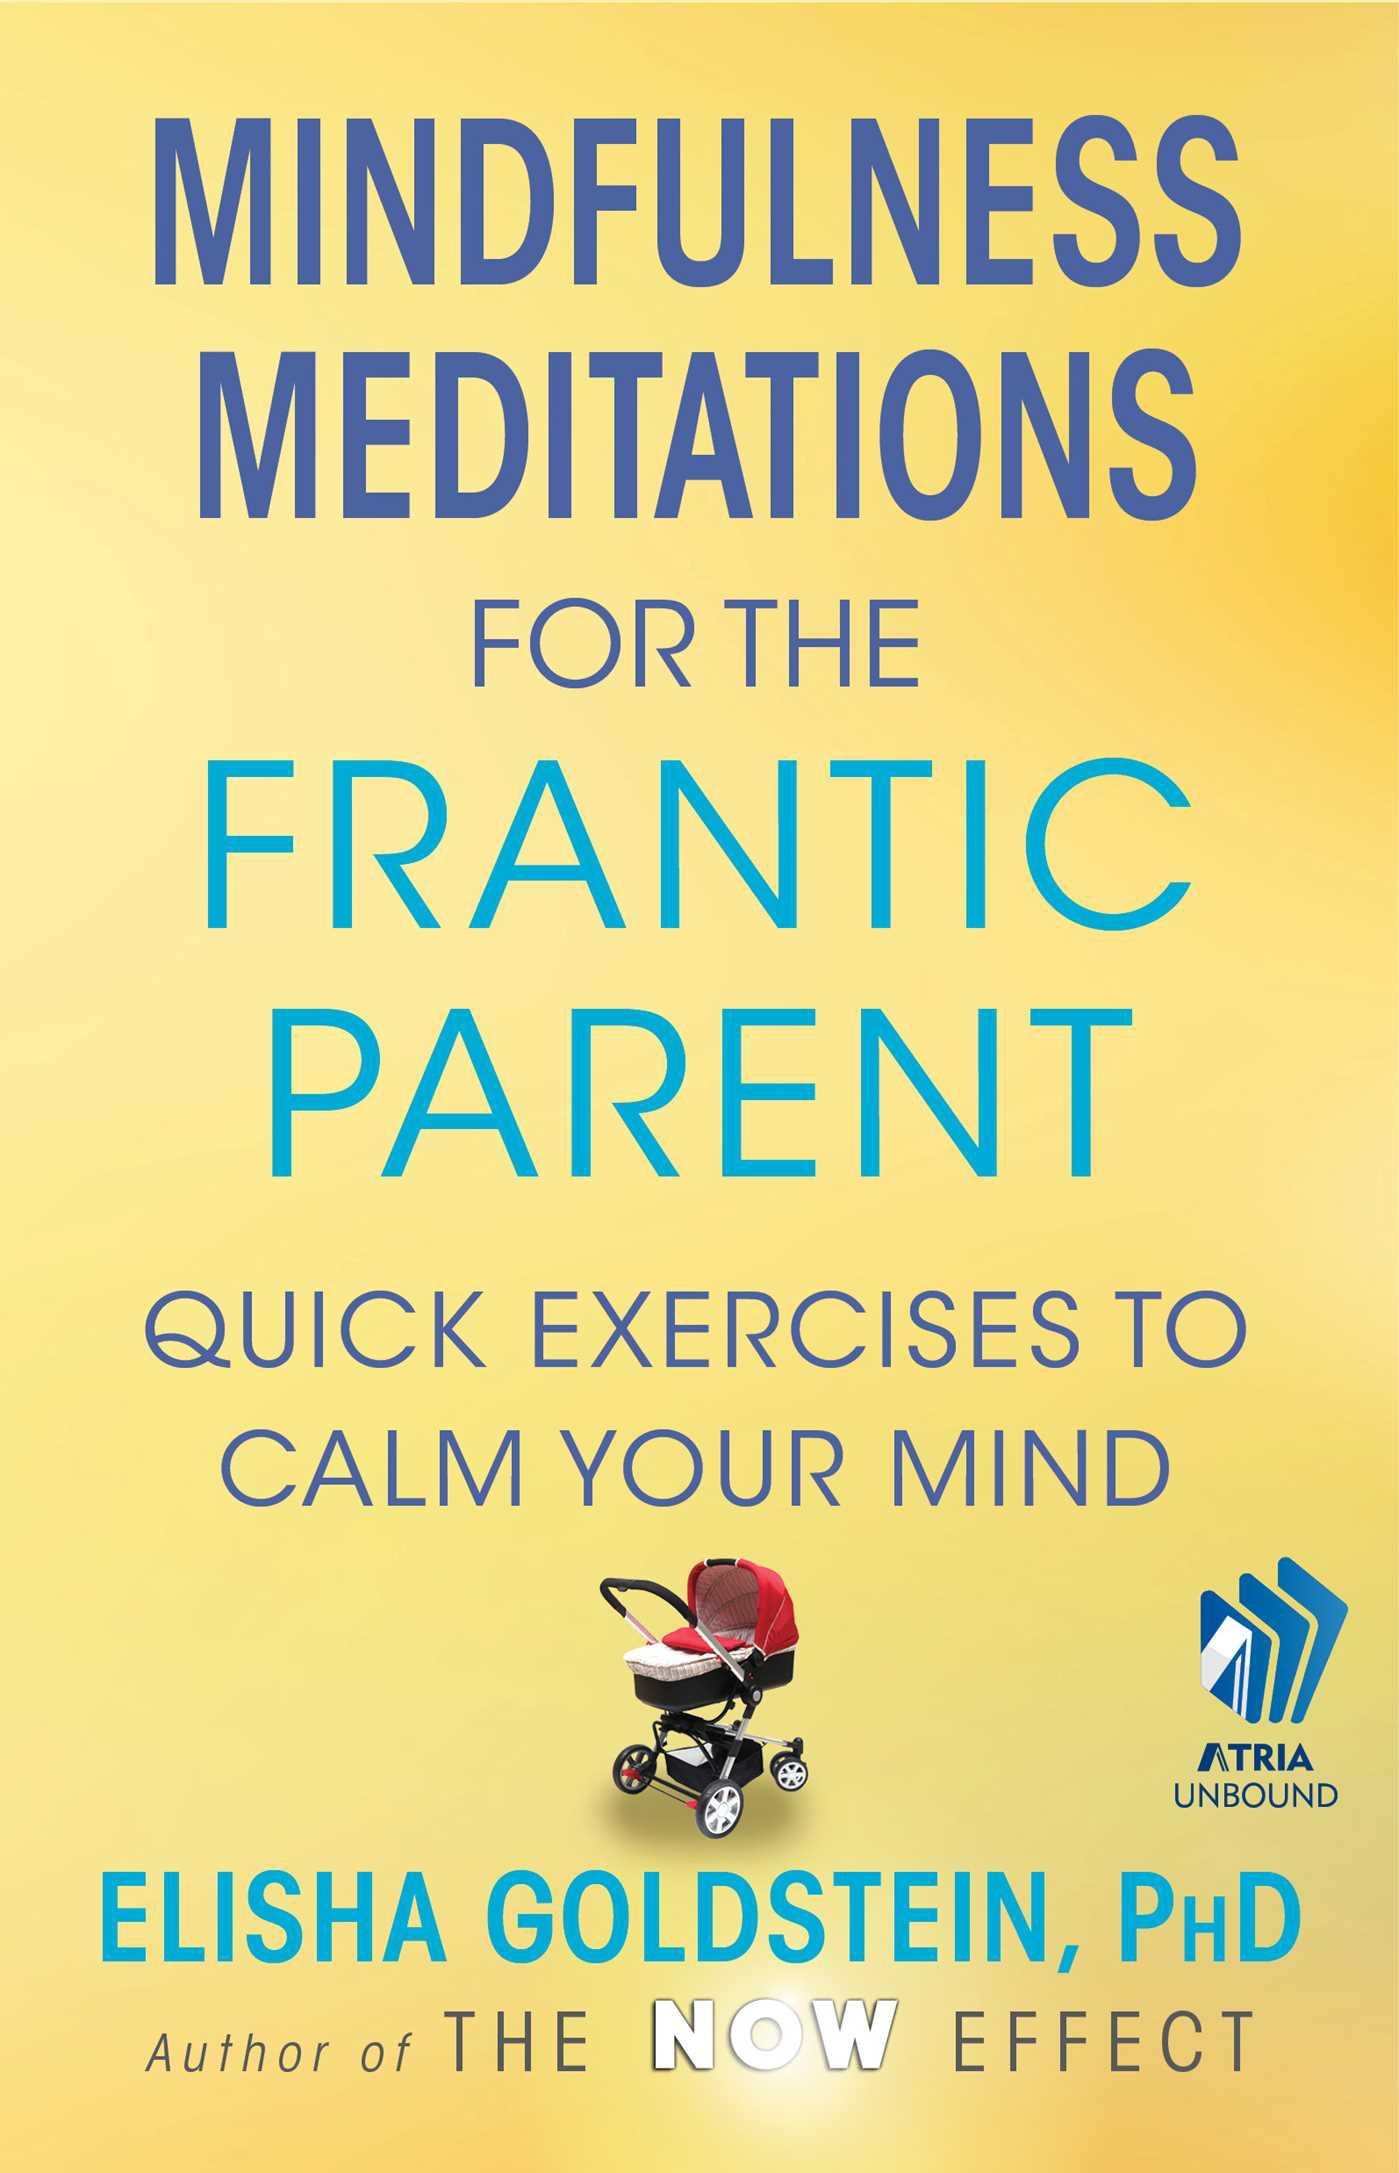 Mindfulness meditations for the frantic parent 9781451687118 hr